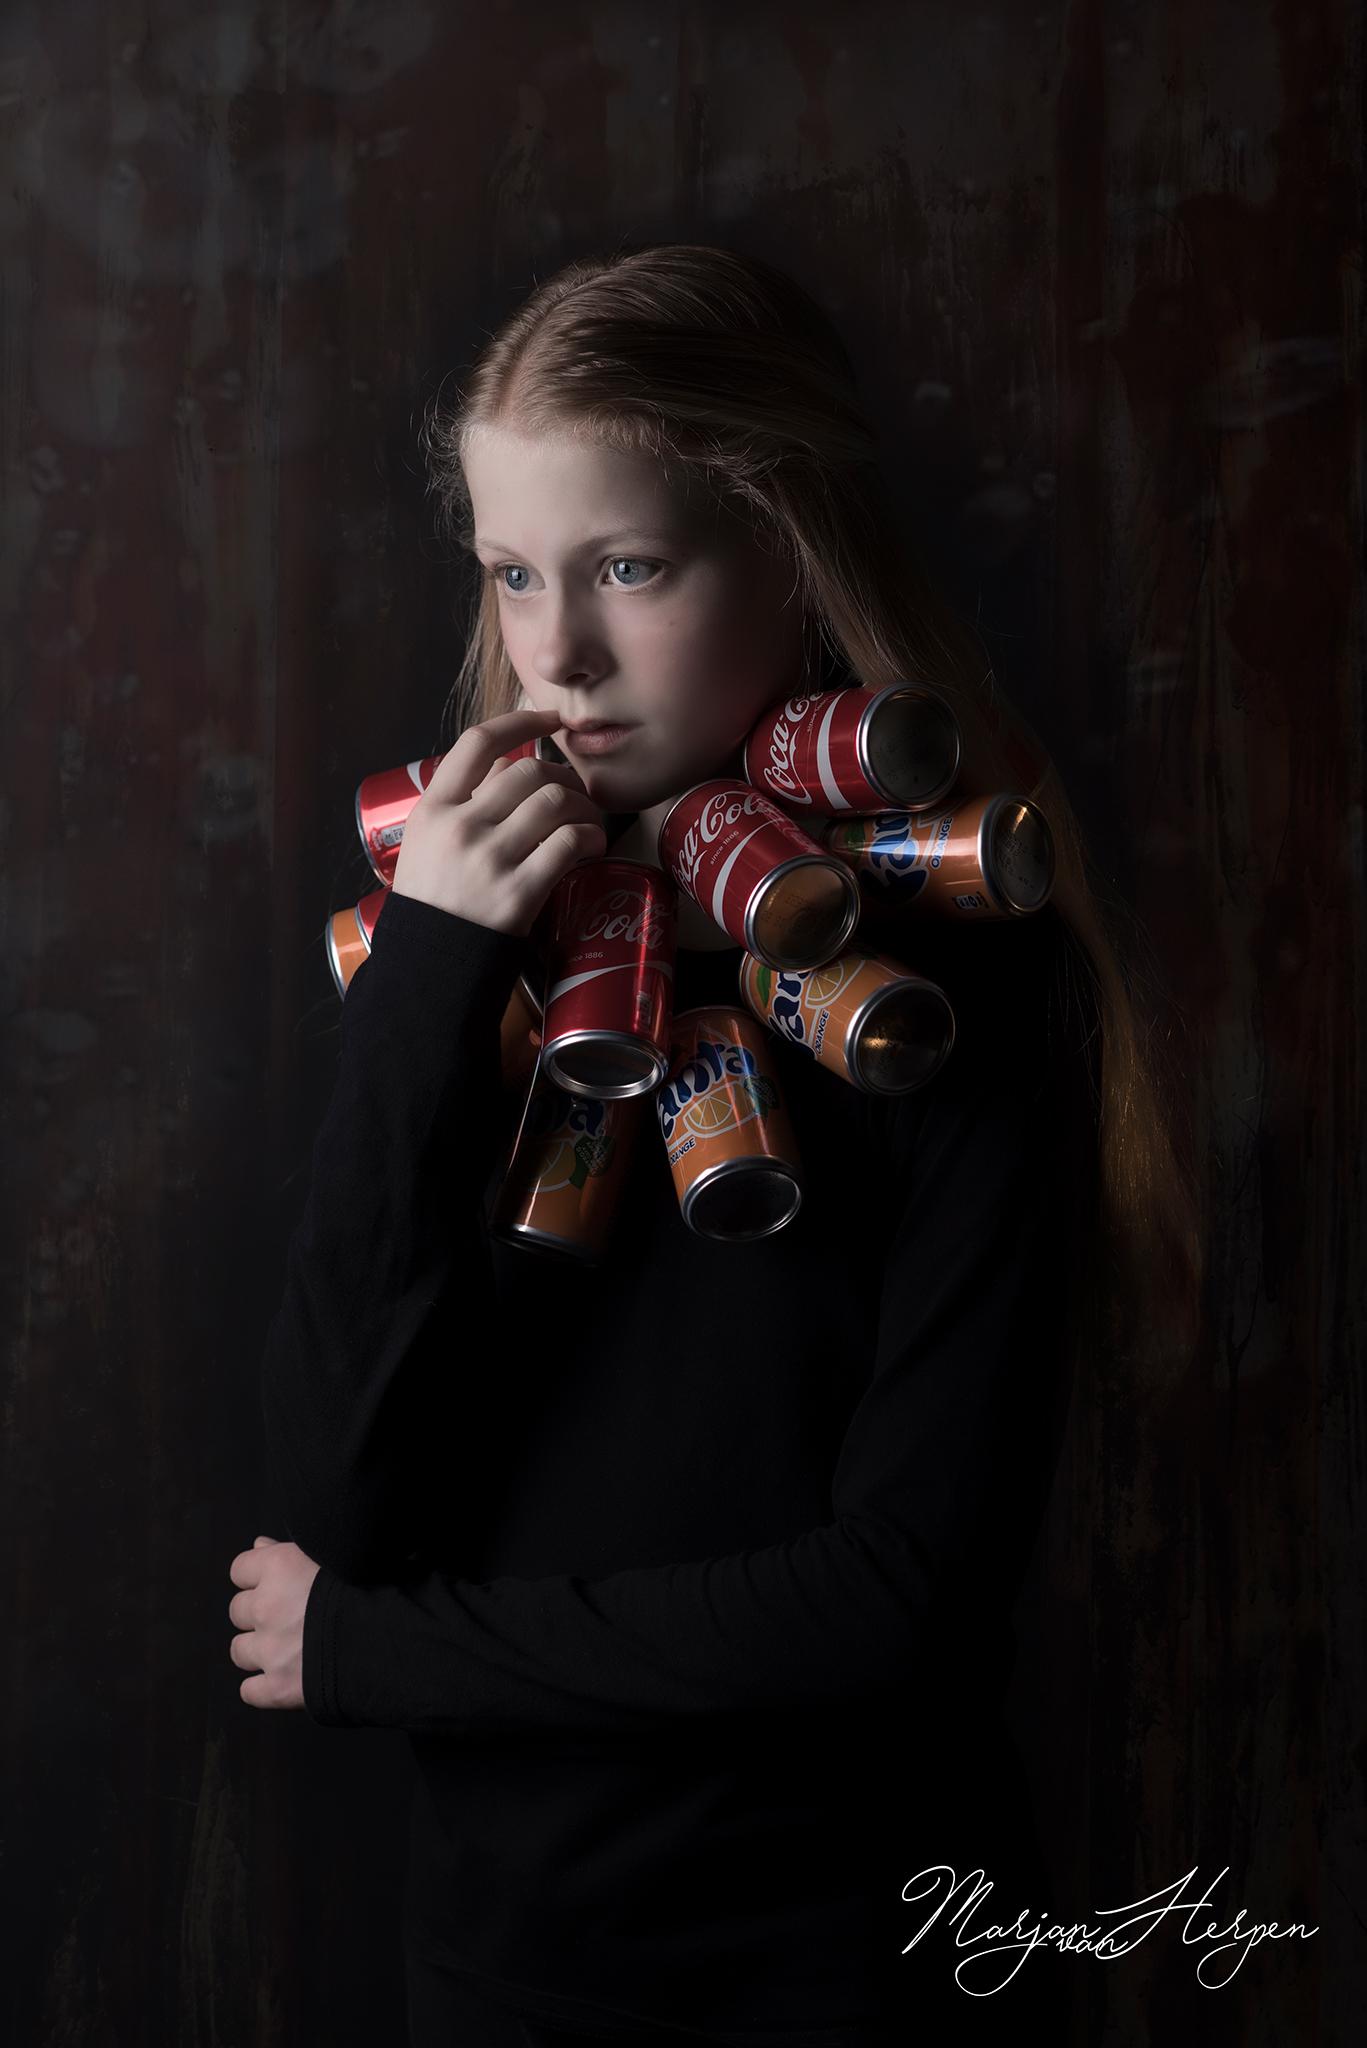 kinderportret van meisje met kraag van colablikjes